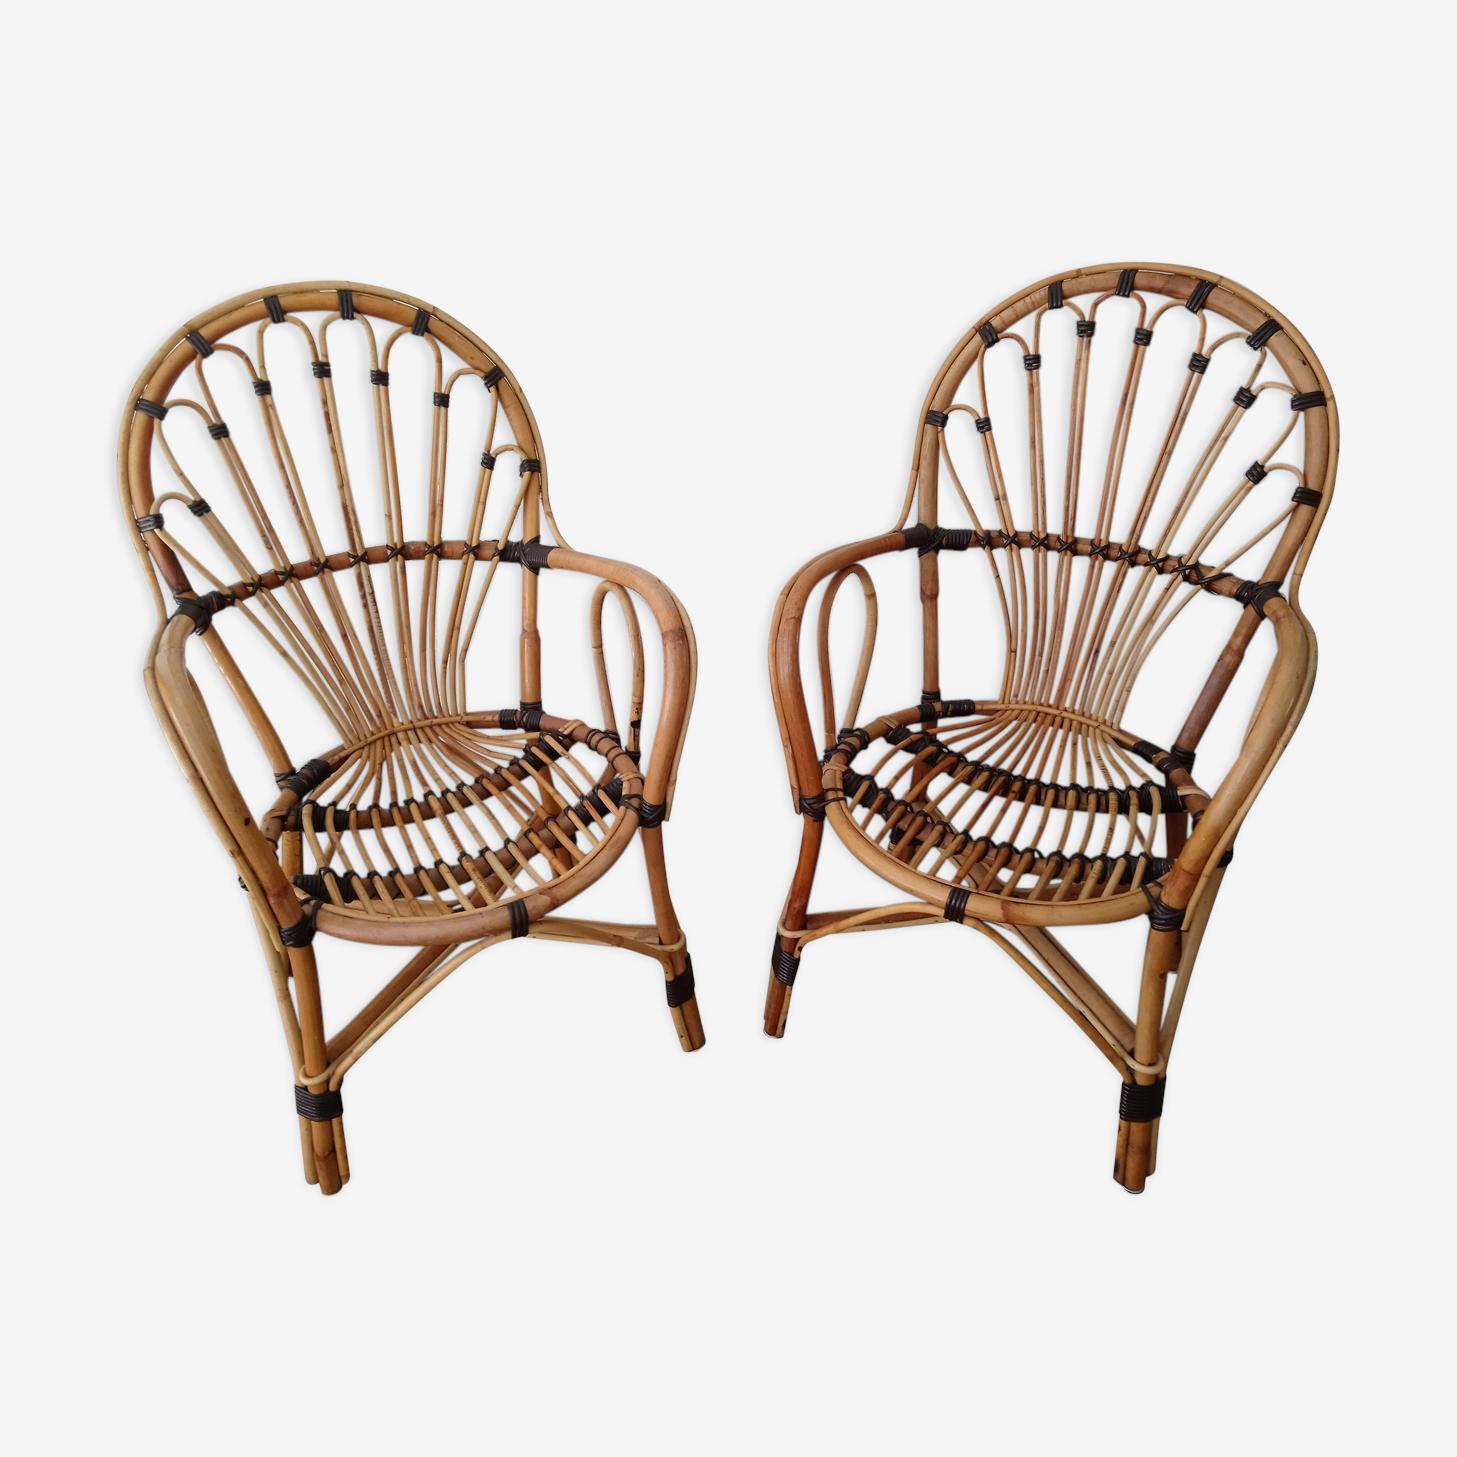 Paire de fauteuils en rotin et osier bicolore des années 70